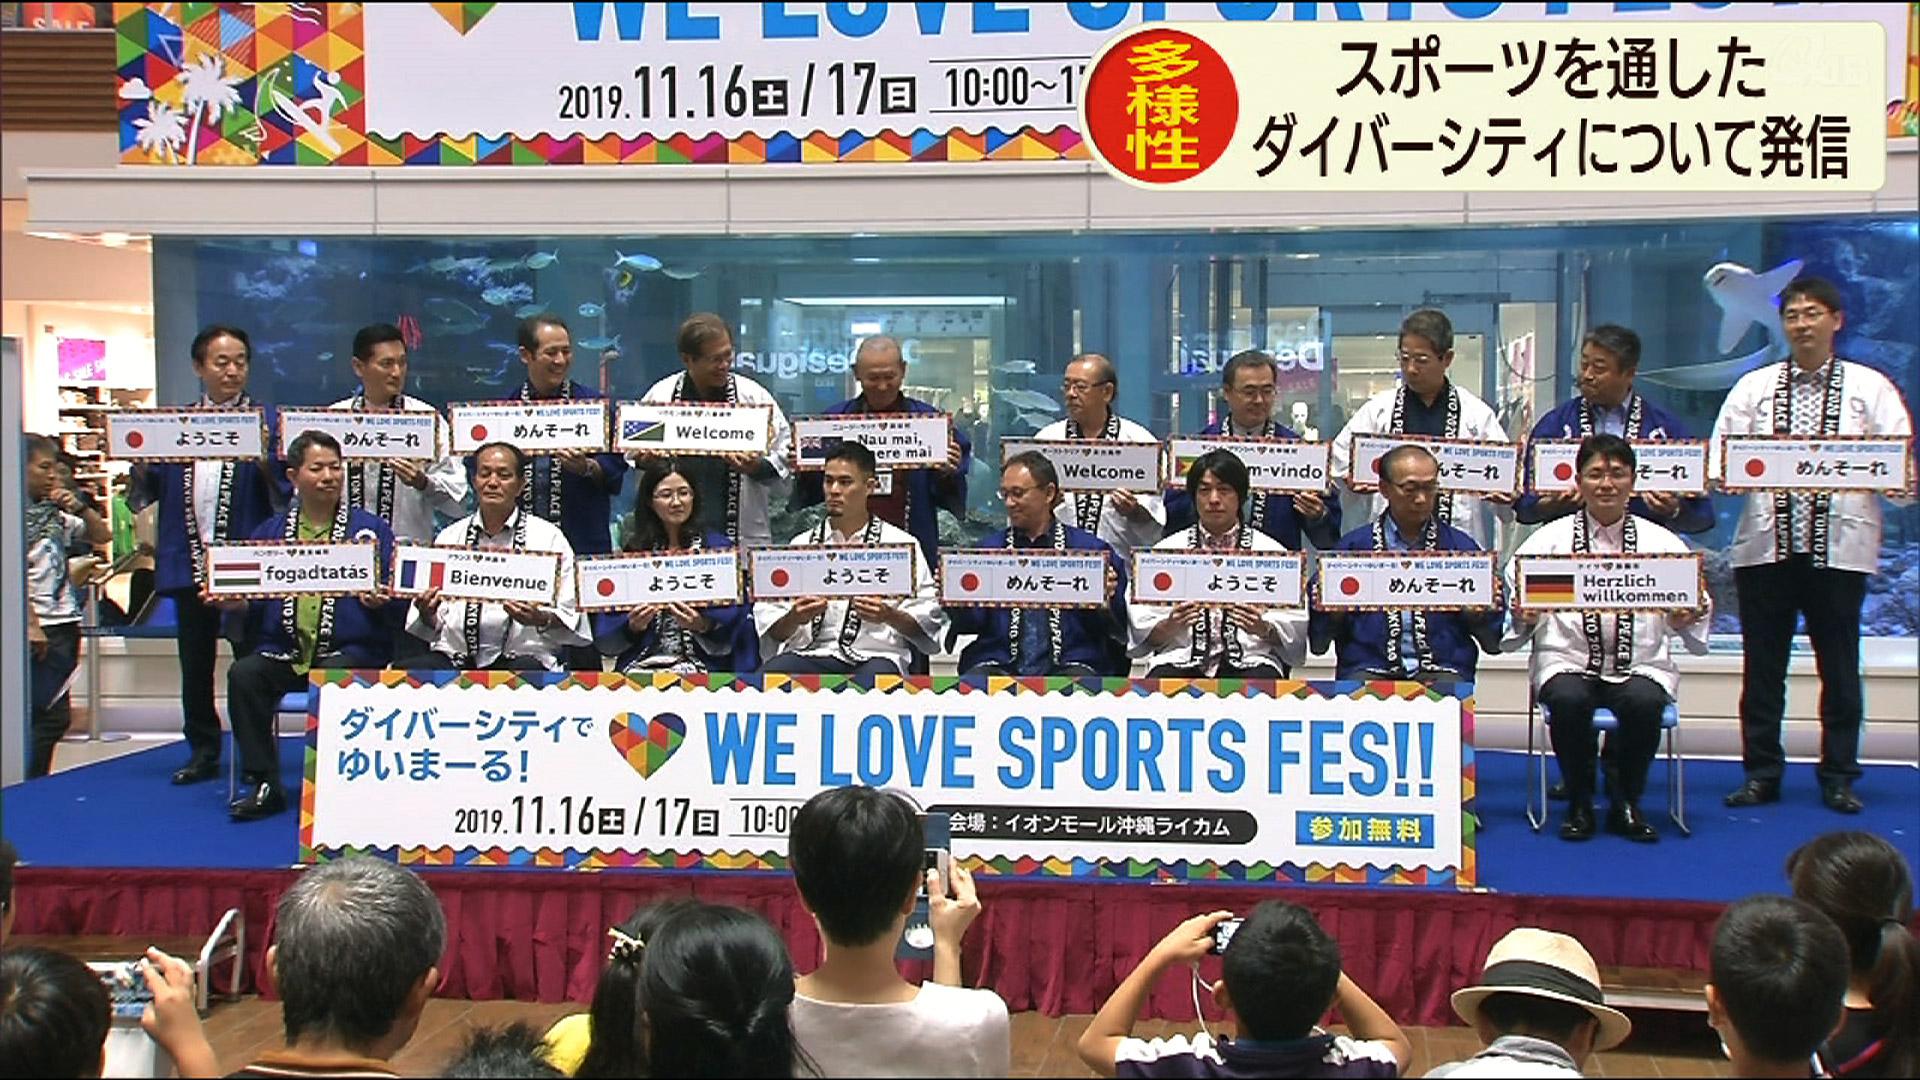 東京2020盛り上げイベント スポーツフェス開催